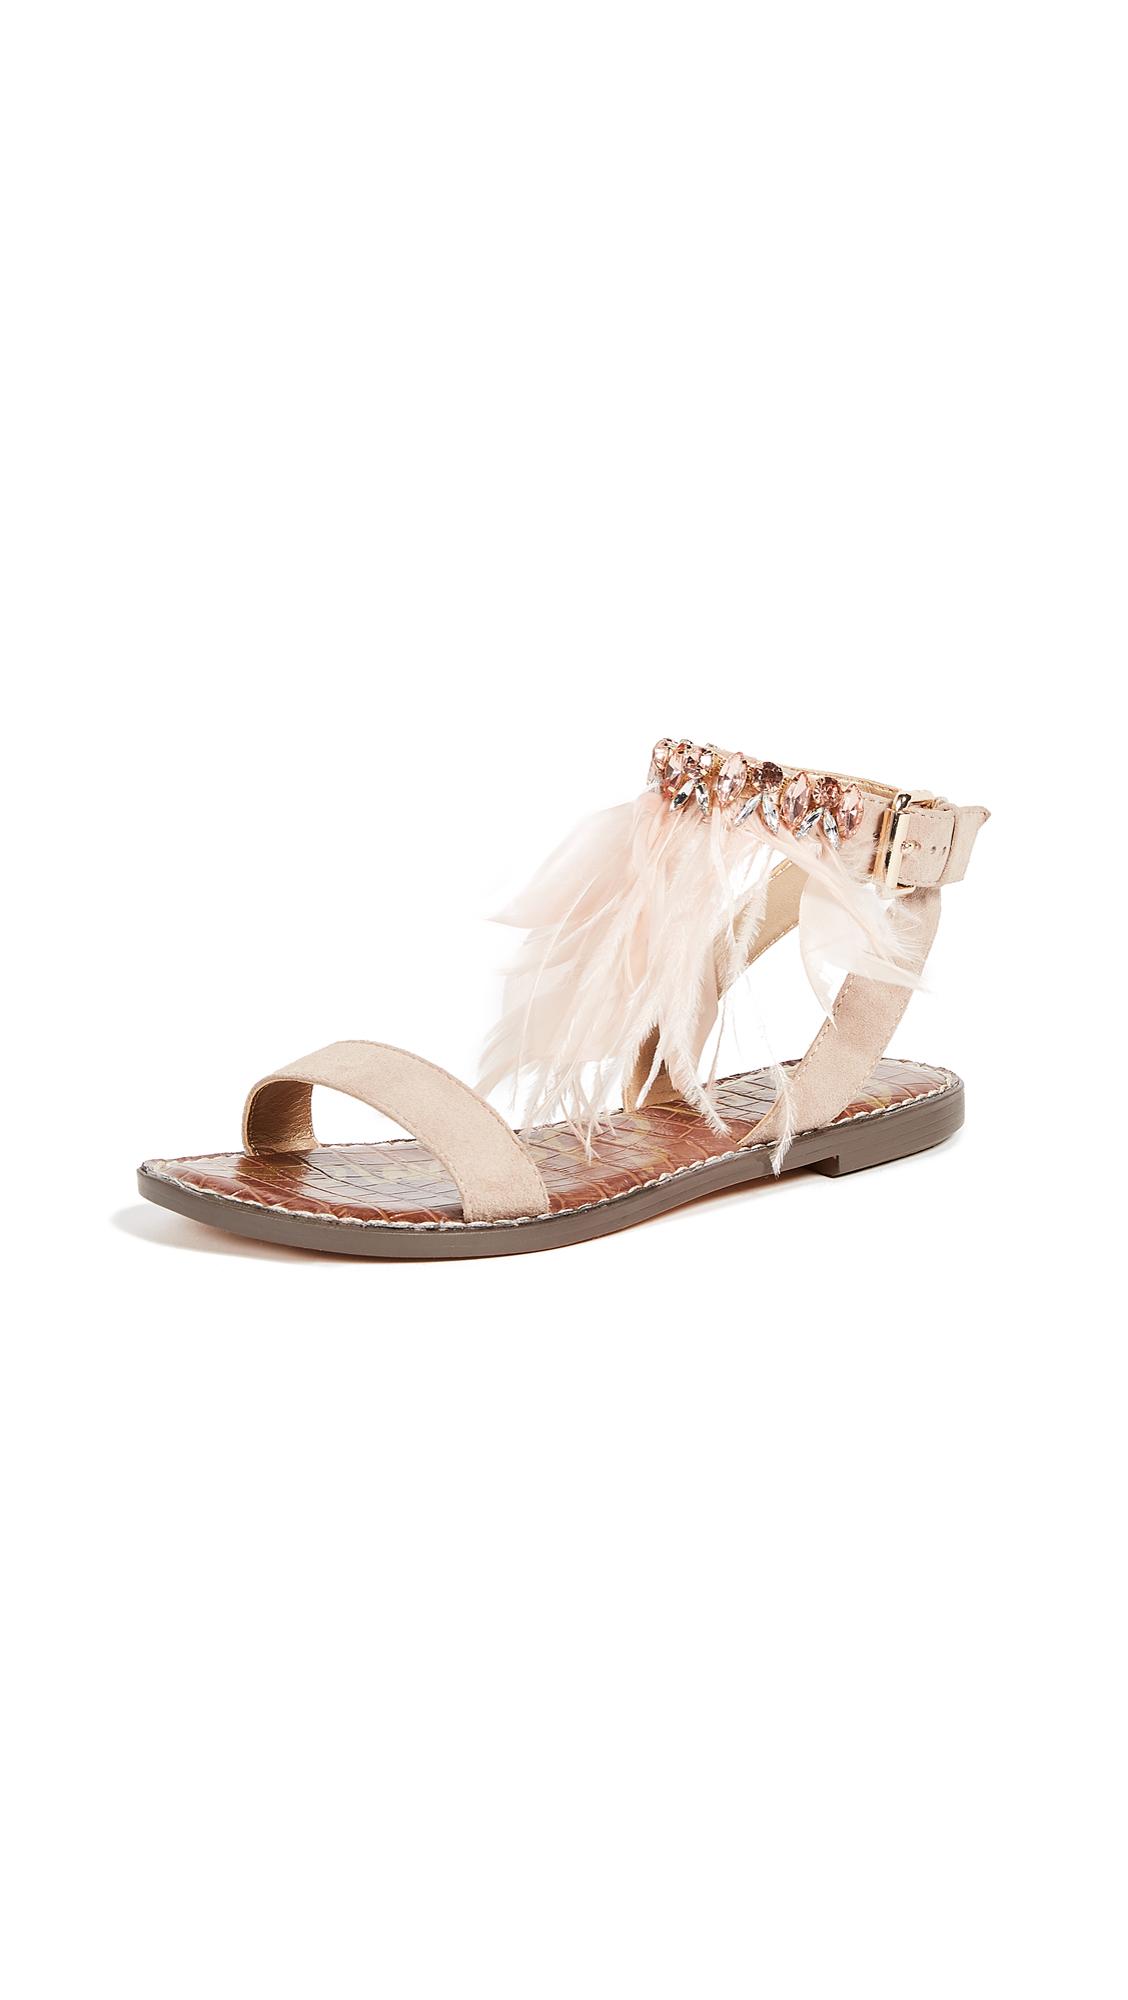 Sam Edelman Genevia Sandals In Taupe Rose